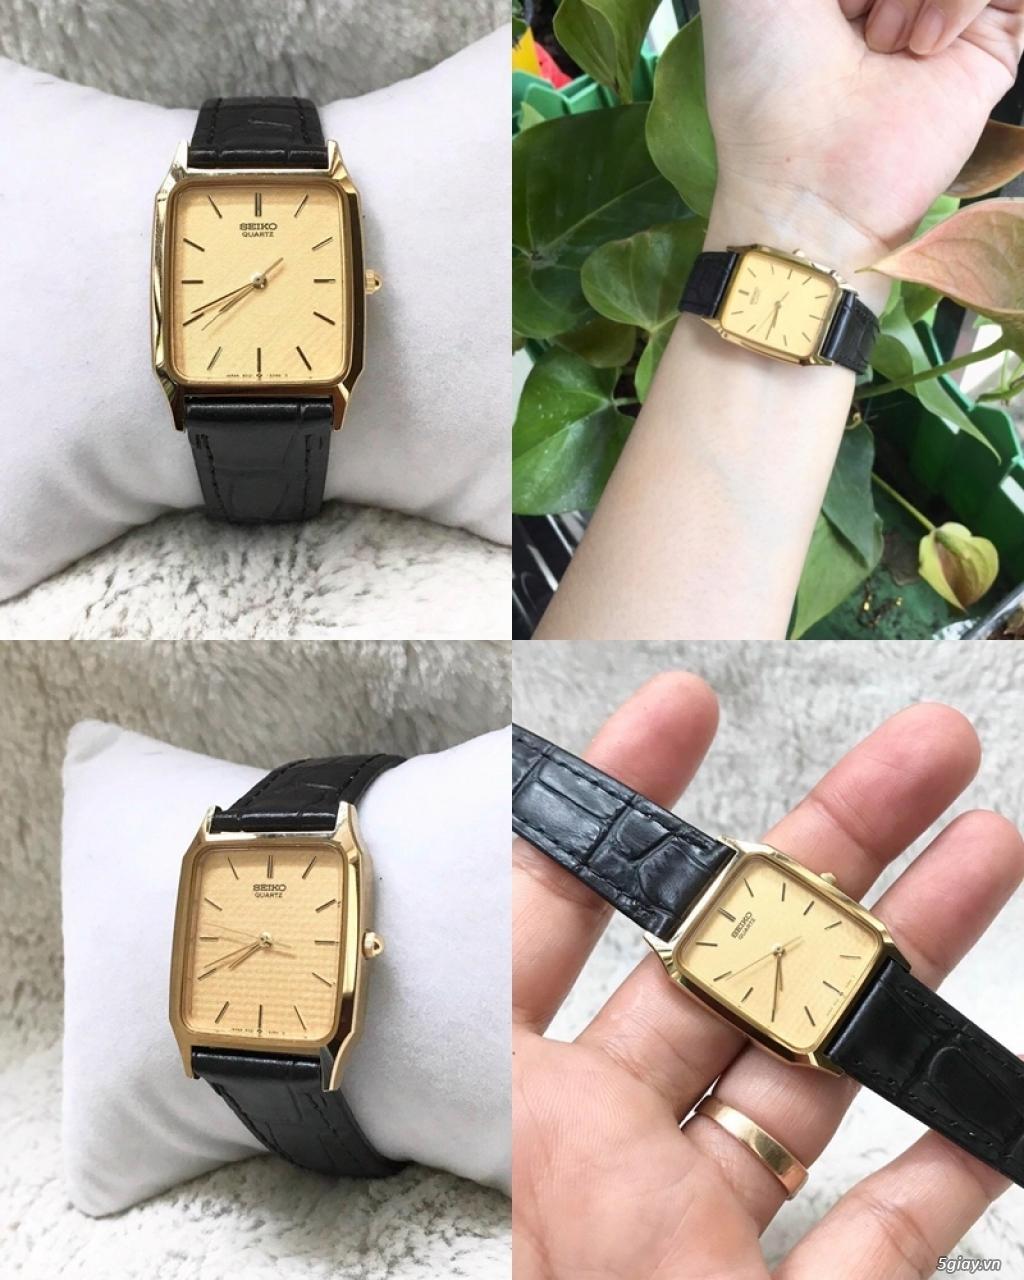 Kho đồng hồ xách tay chính hãng secondhand update liên tục - 43